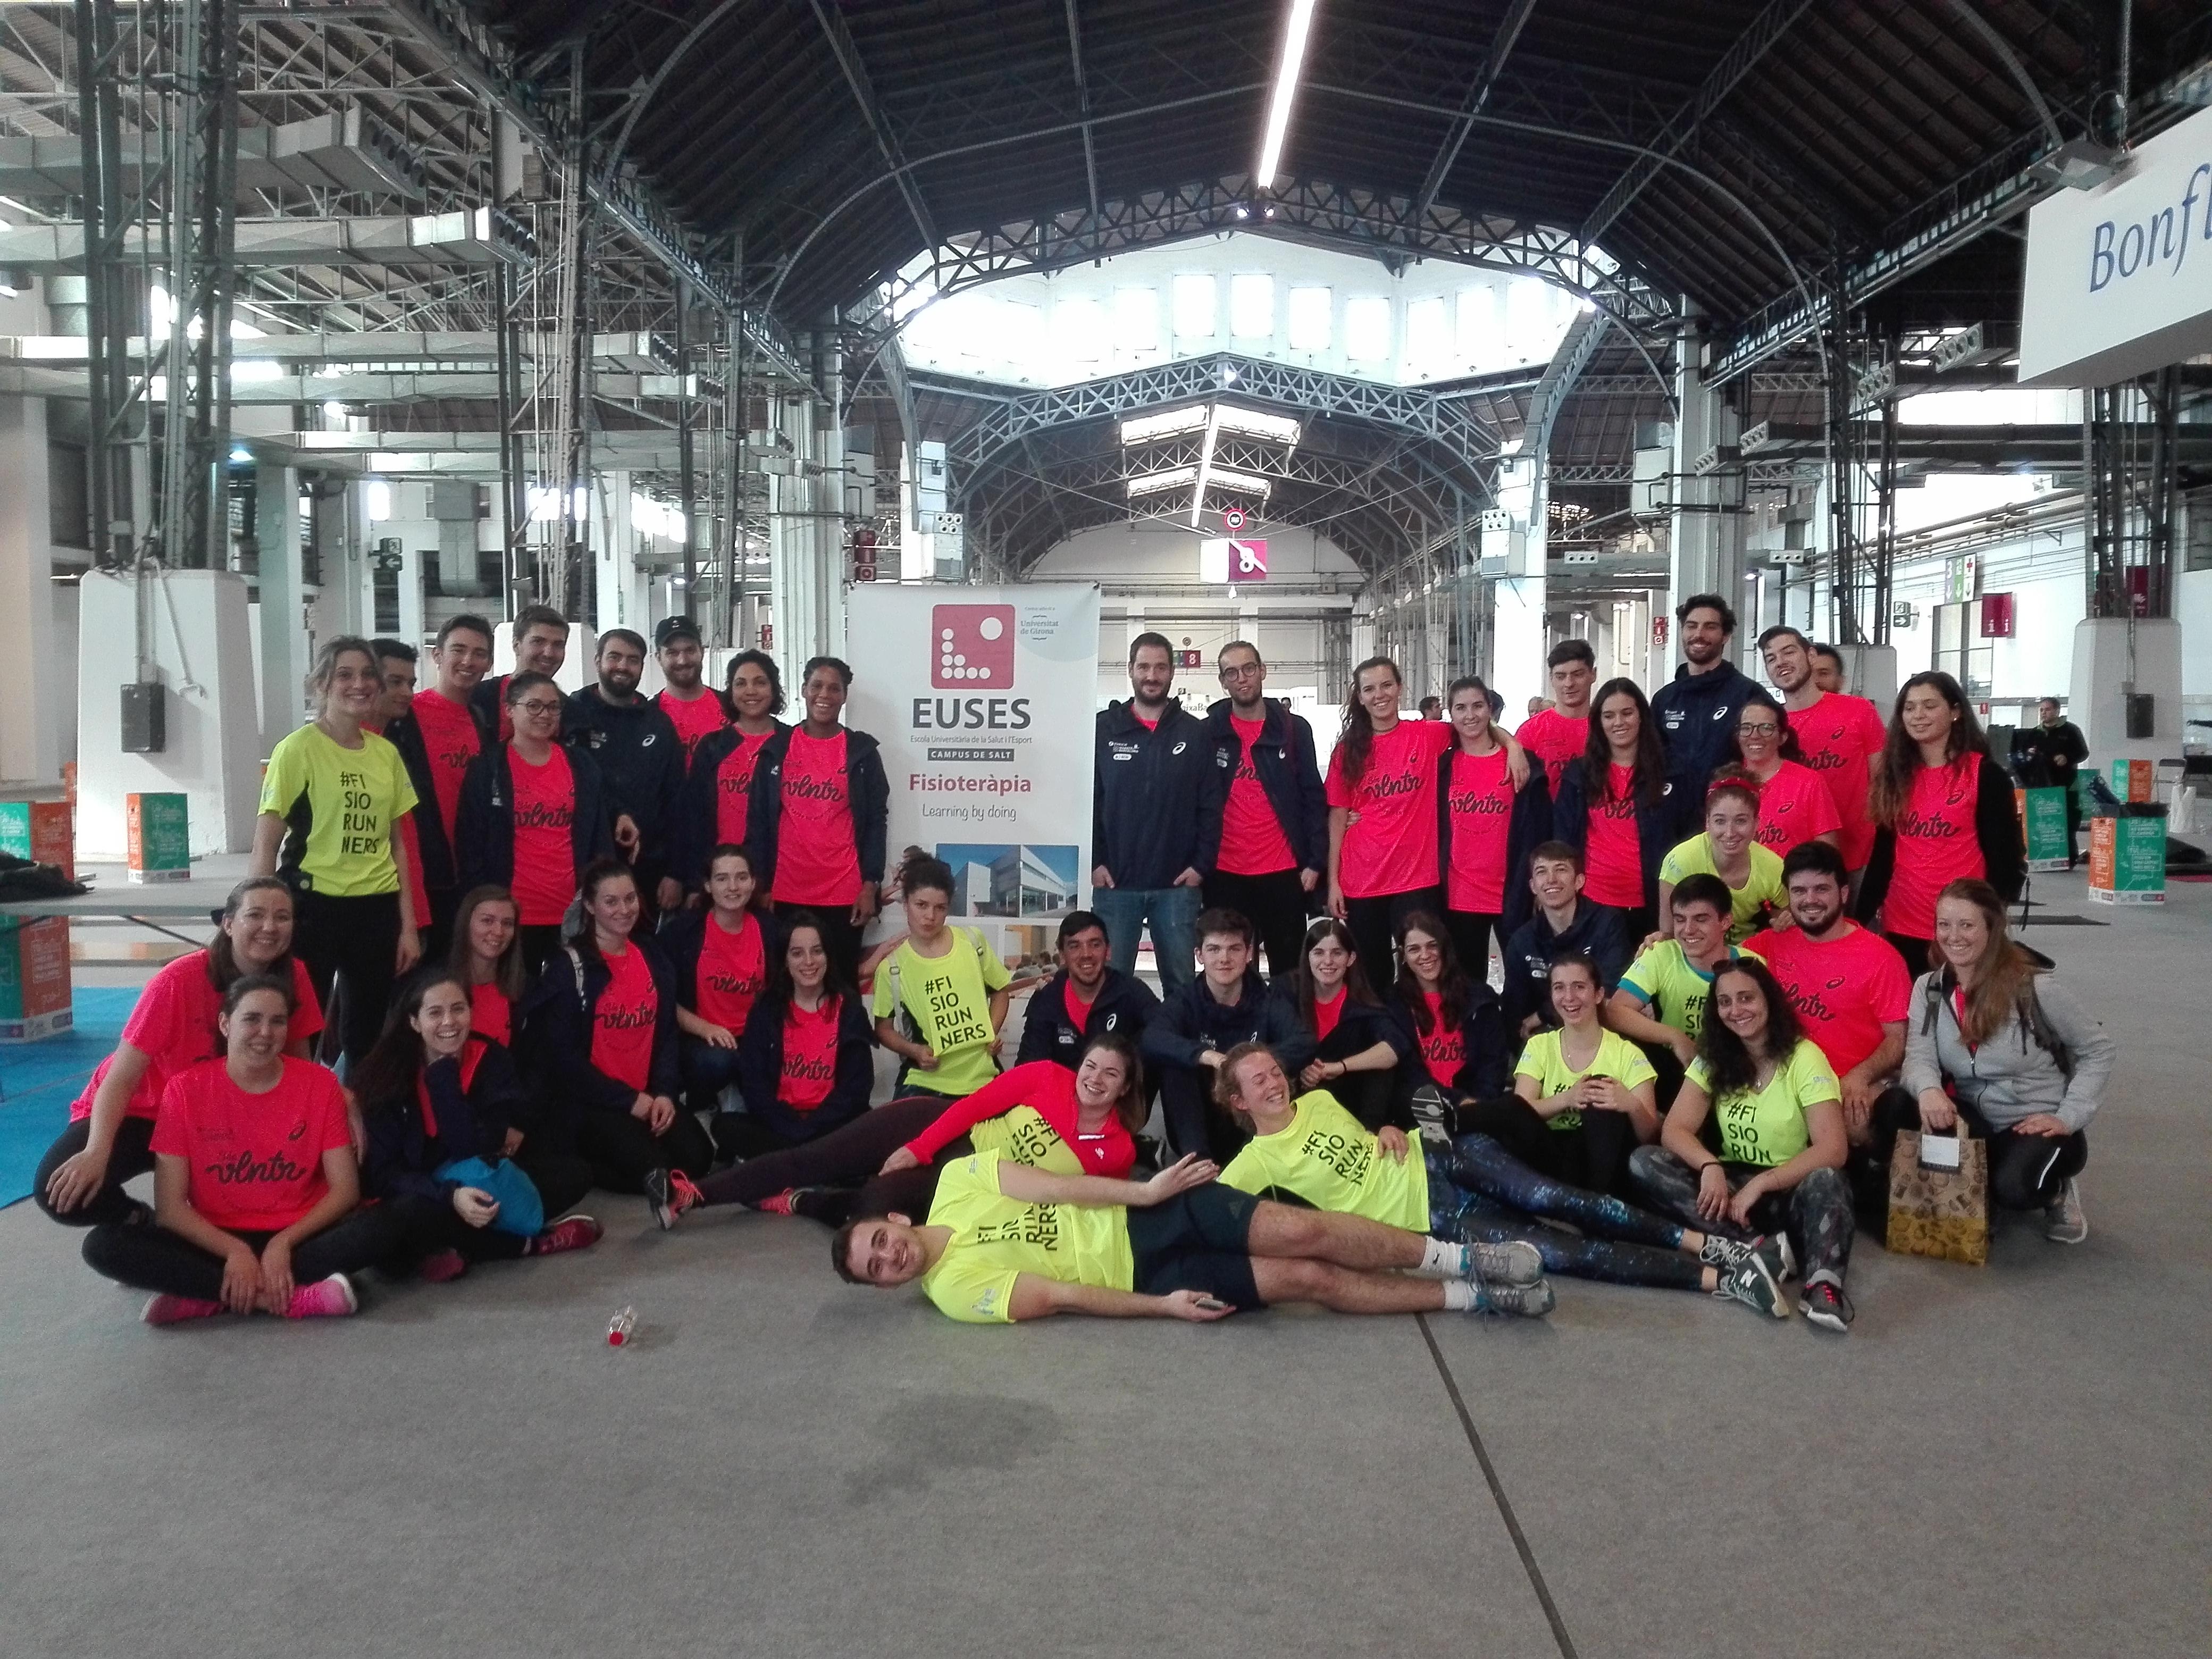 L'Escola Universitària de la Salut i l'Esport col·labora en la Zurich Marató de Barcelona amb una quarantena d'estudiants del Grau en Fisioteràpia